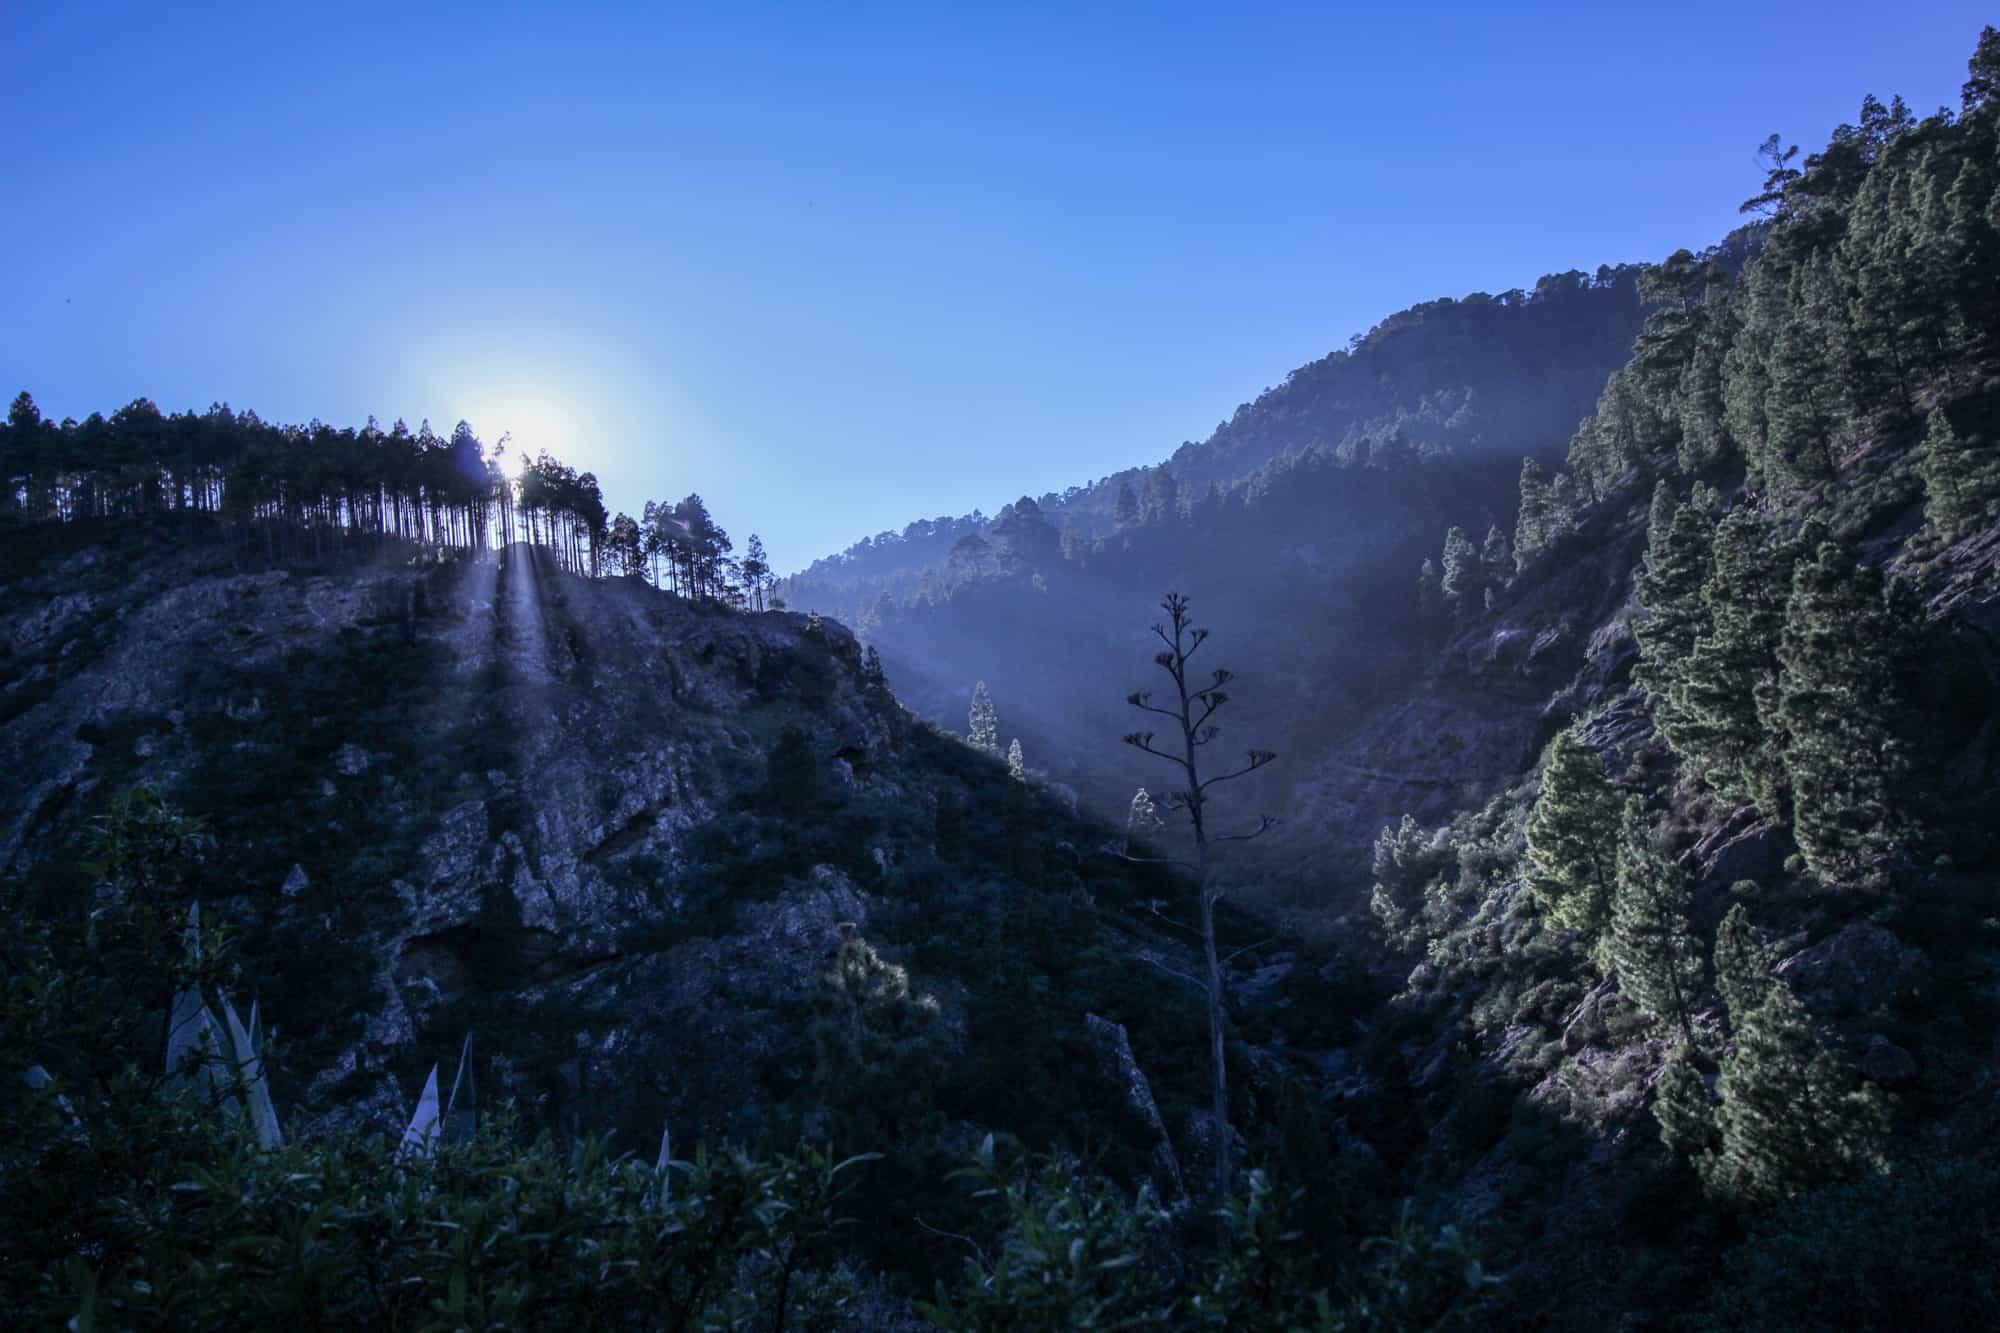 Wandern Artenara